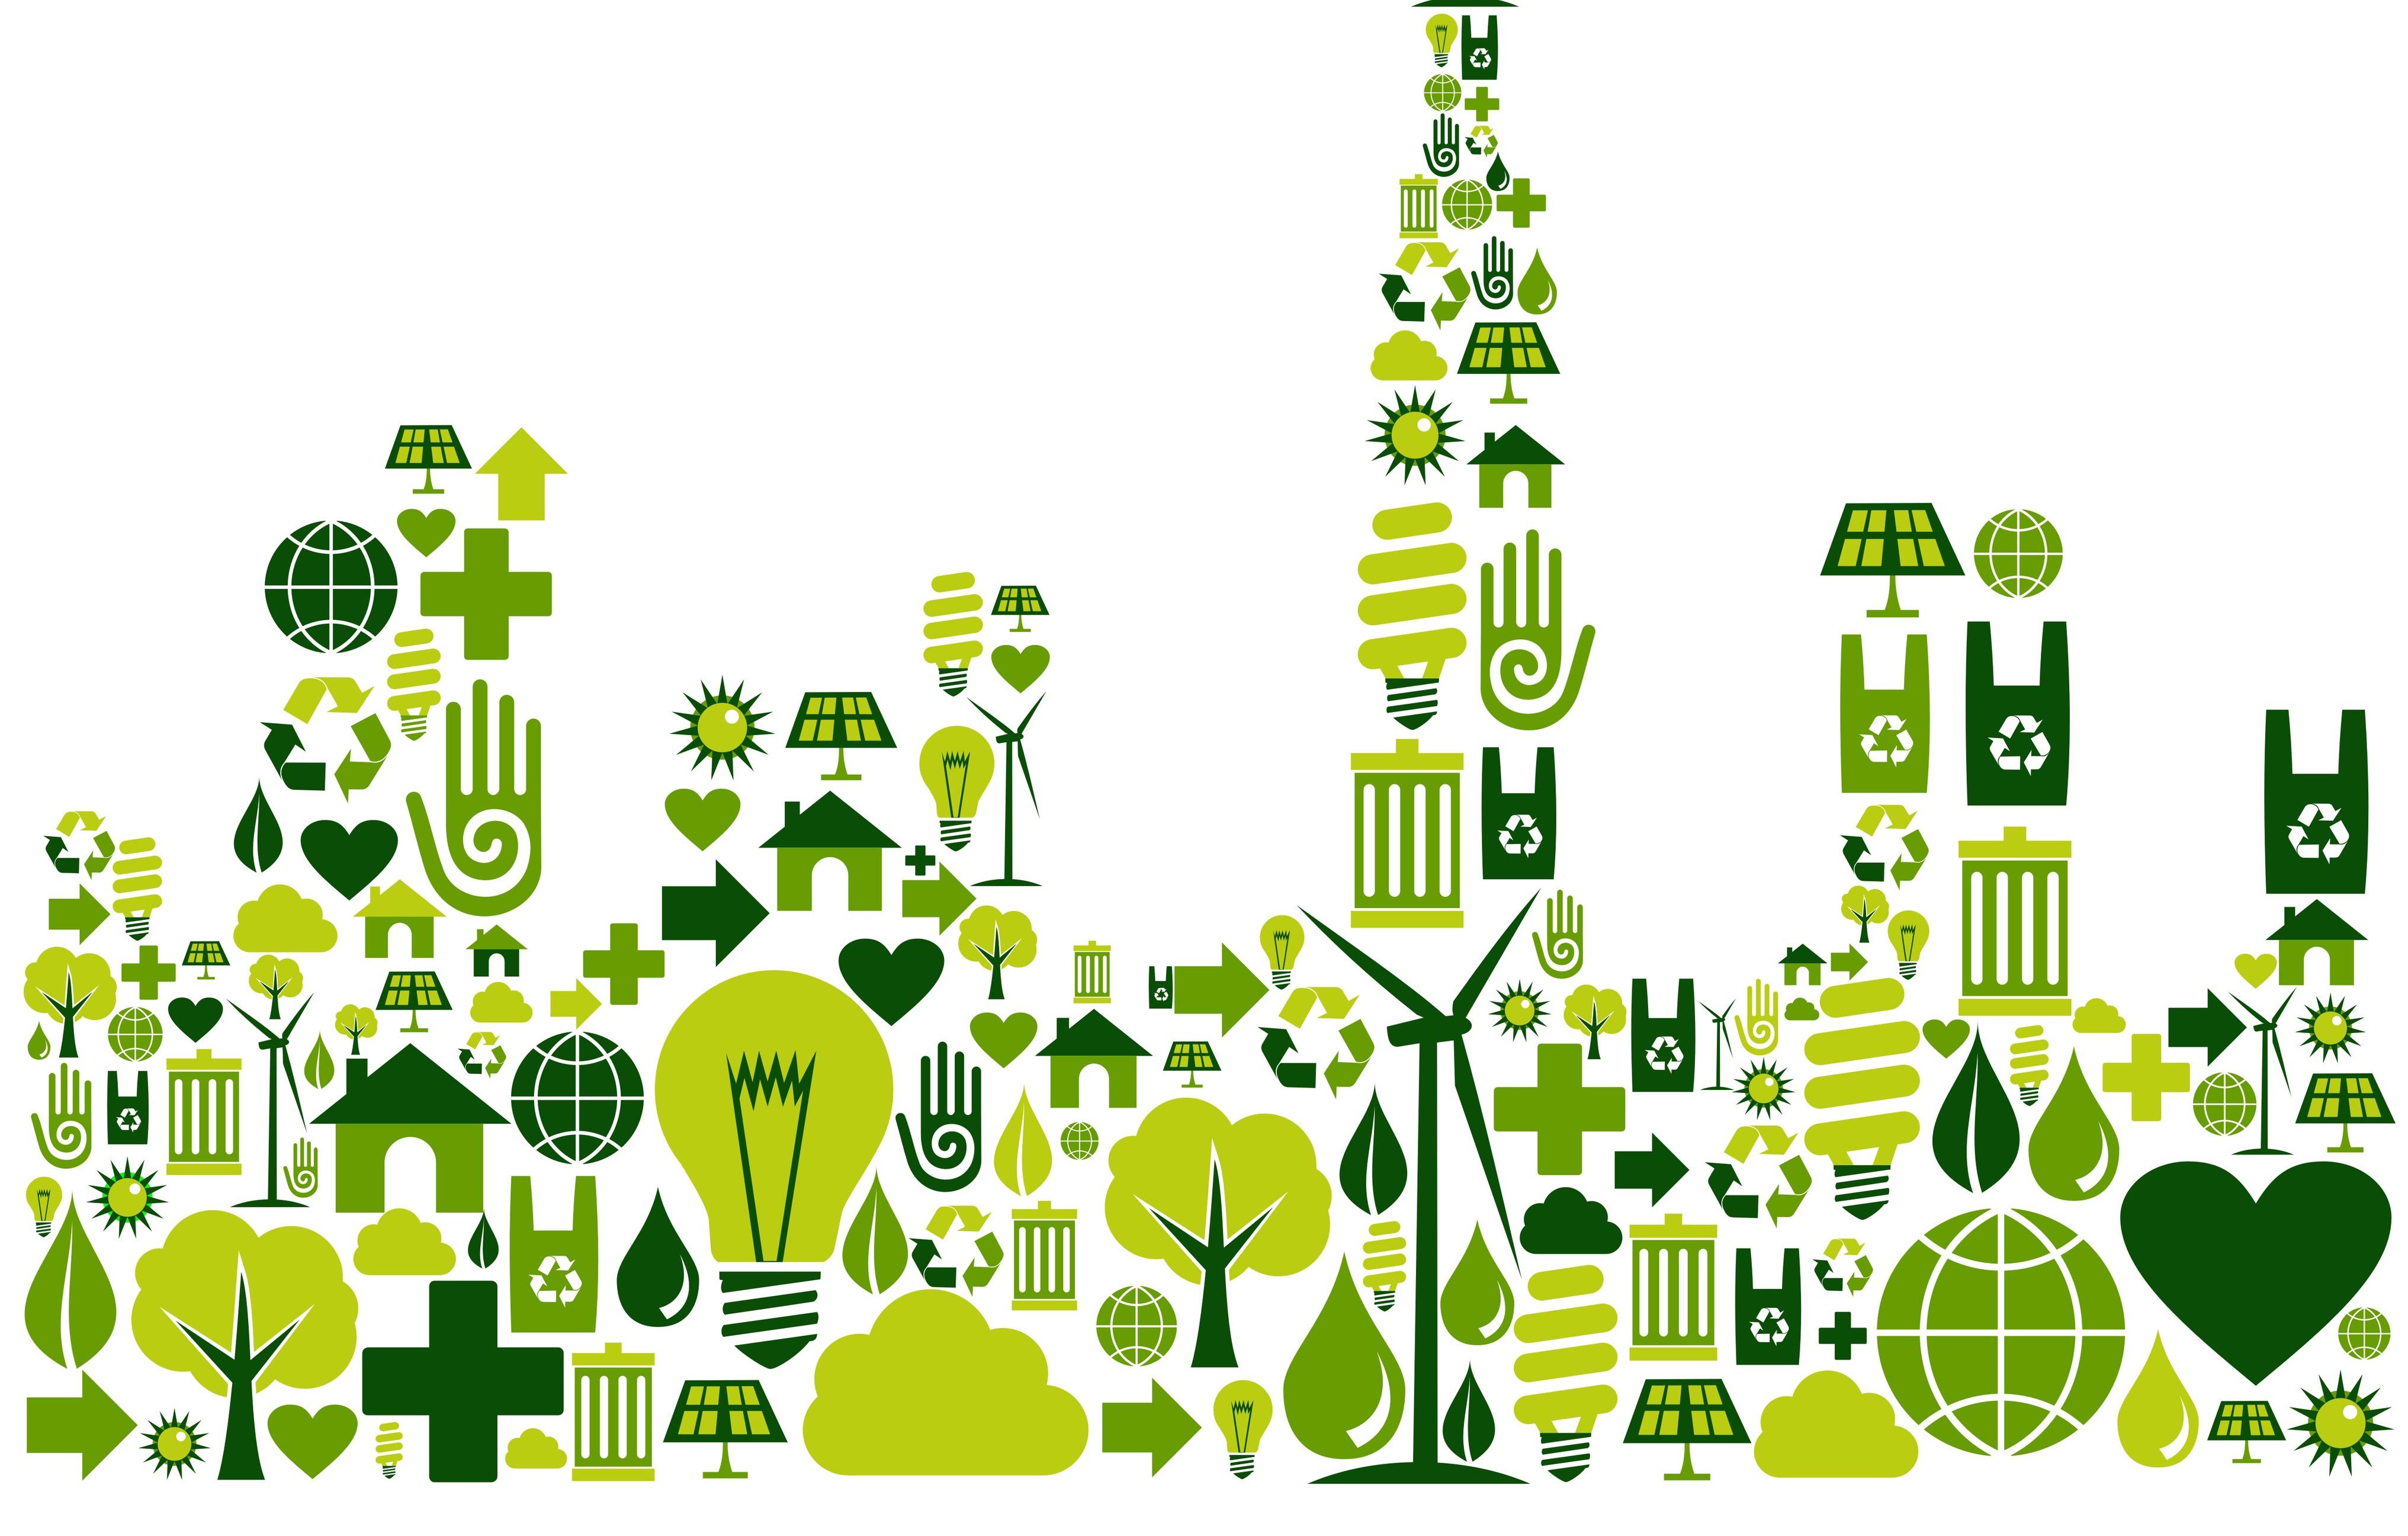 بررسی پایداری محیطی - Environmental sustainability